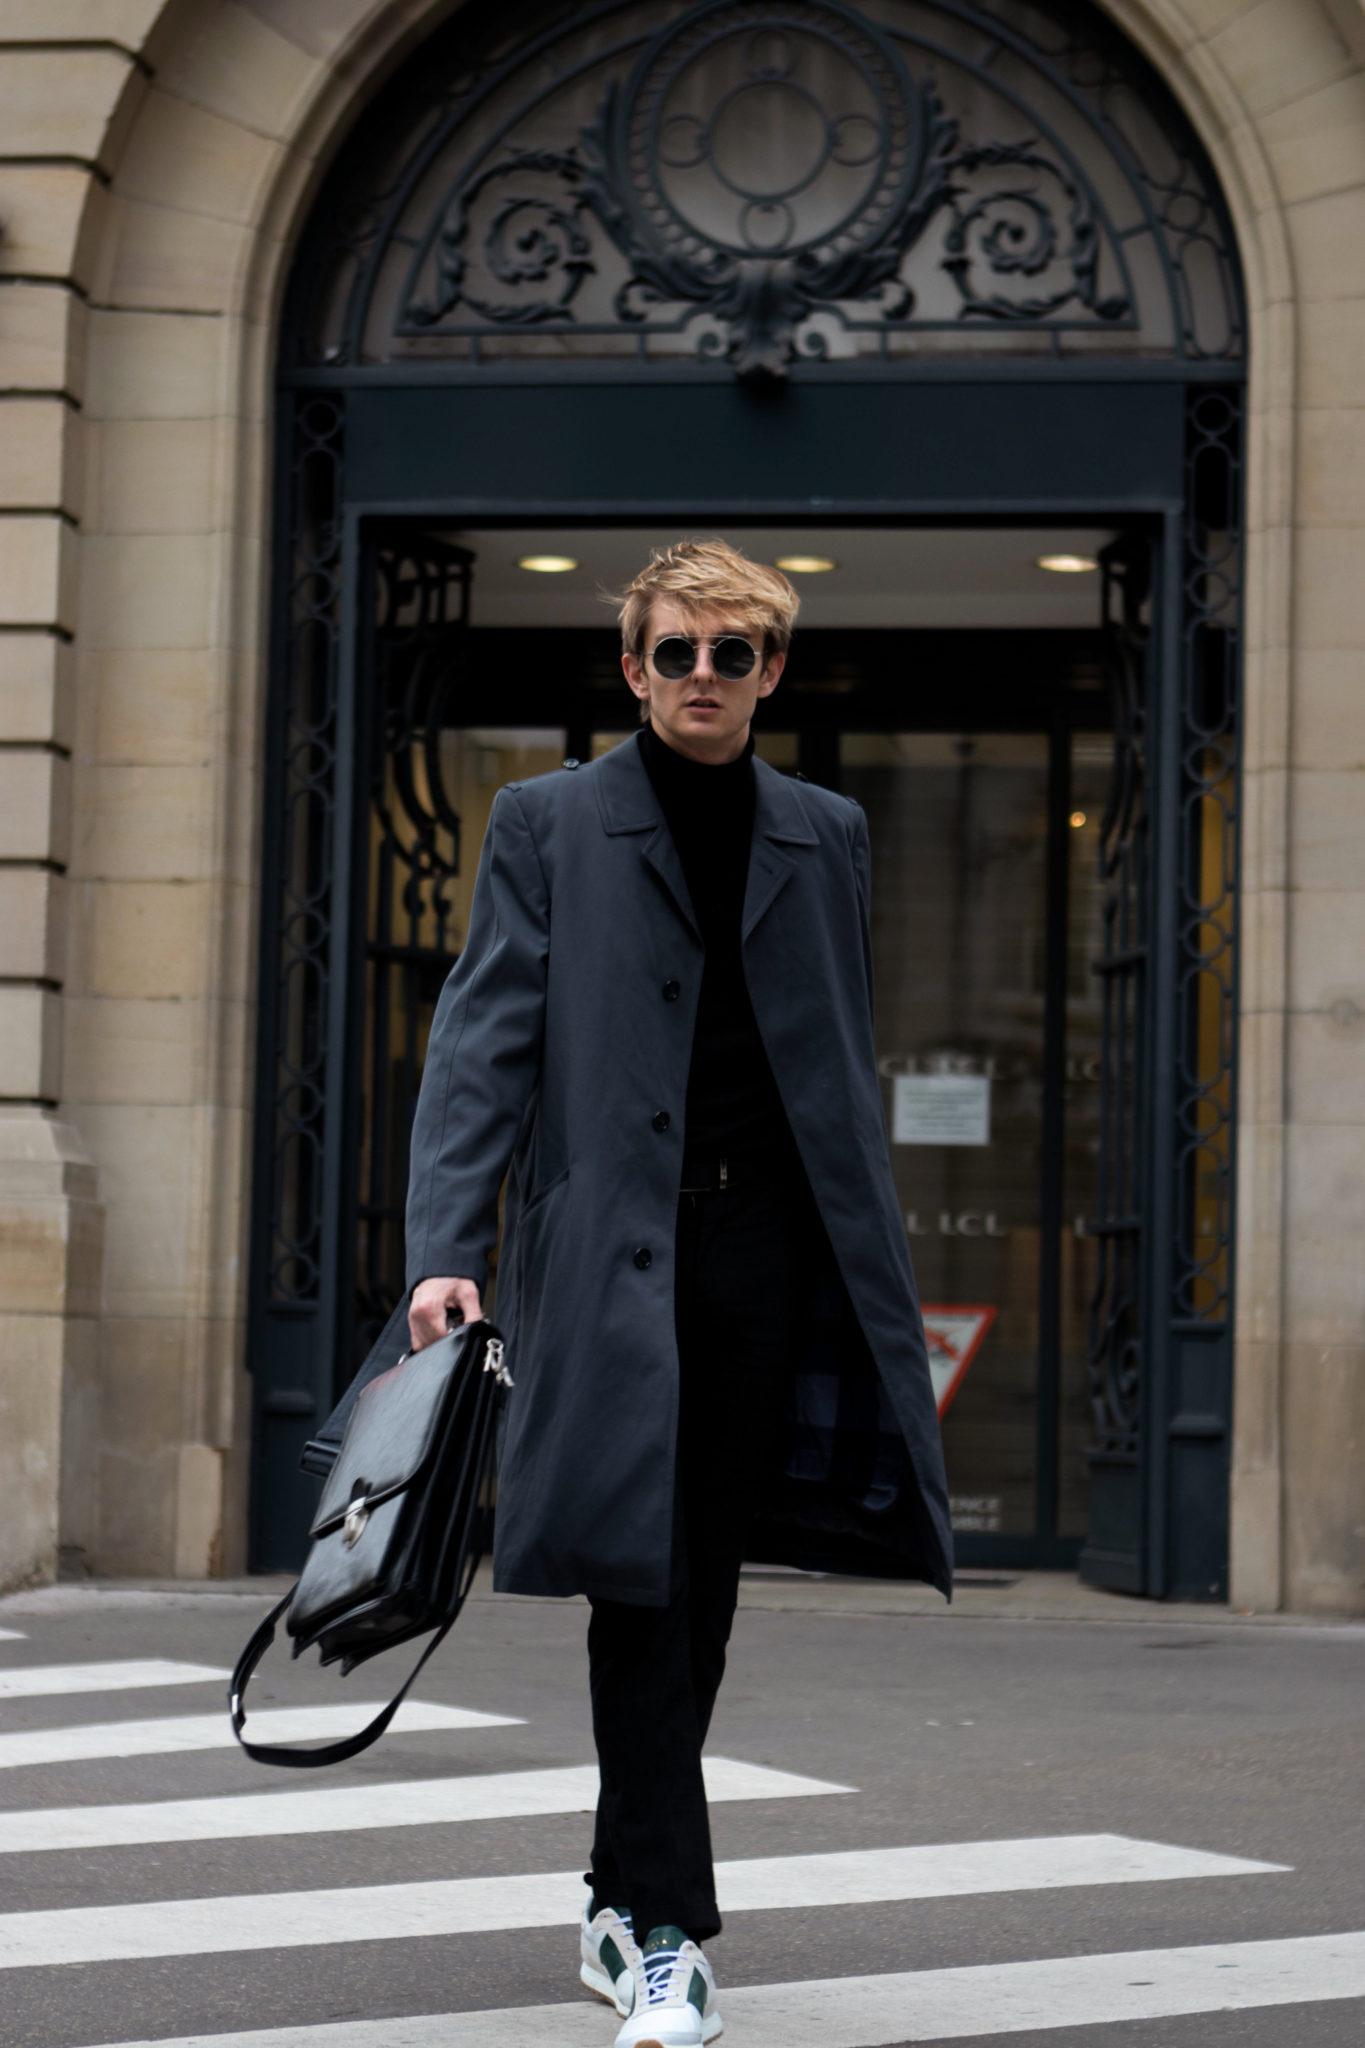 5 bonnes raisons d'acheter vintage - Pourquoi acheter des vêtements d'occasion - Maurice Style - Blog mode homme Strasbourg.